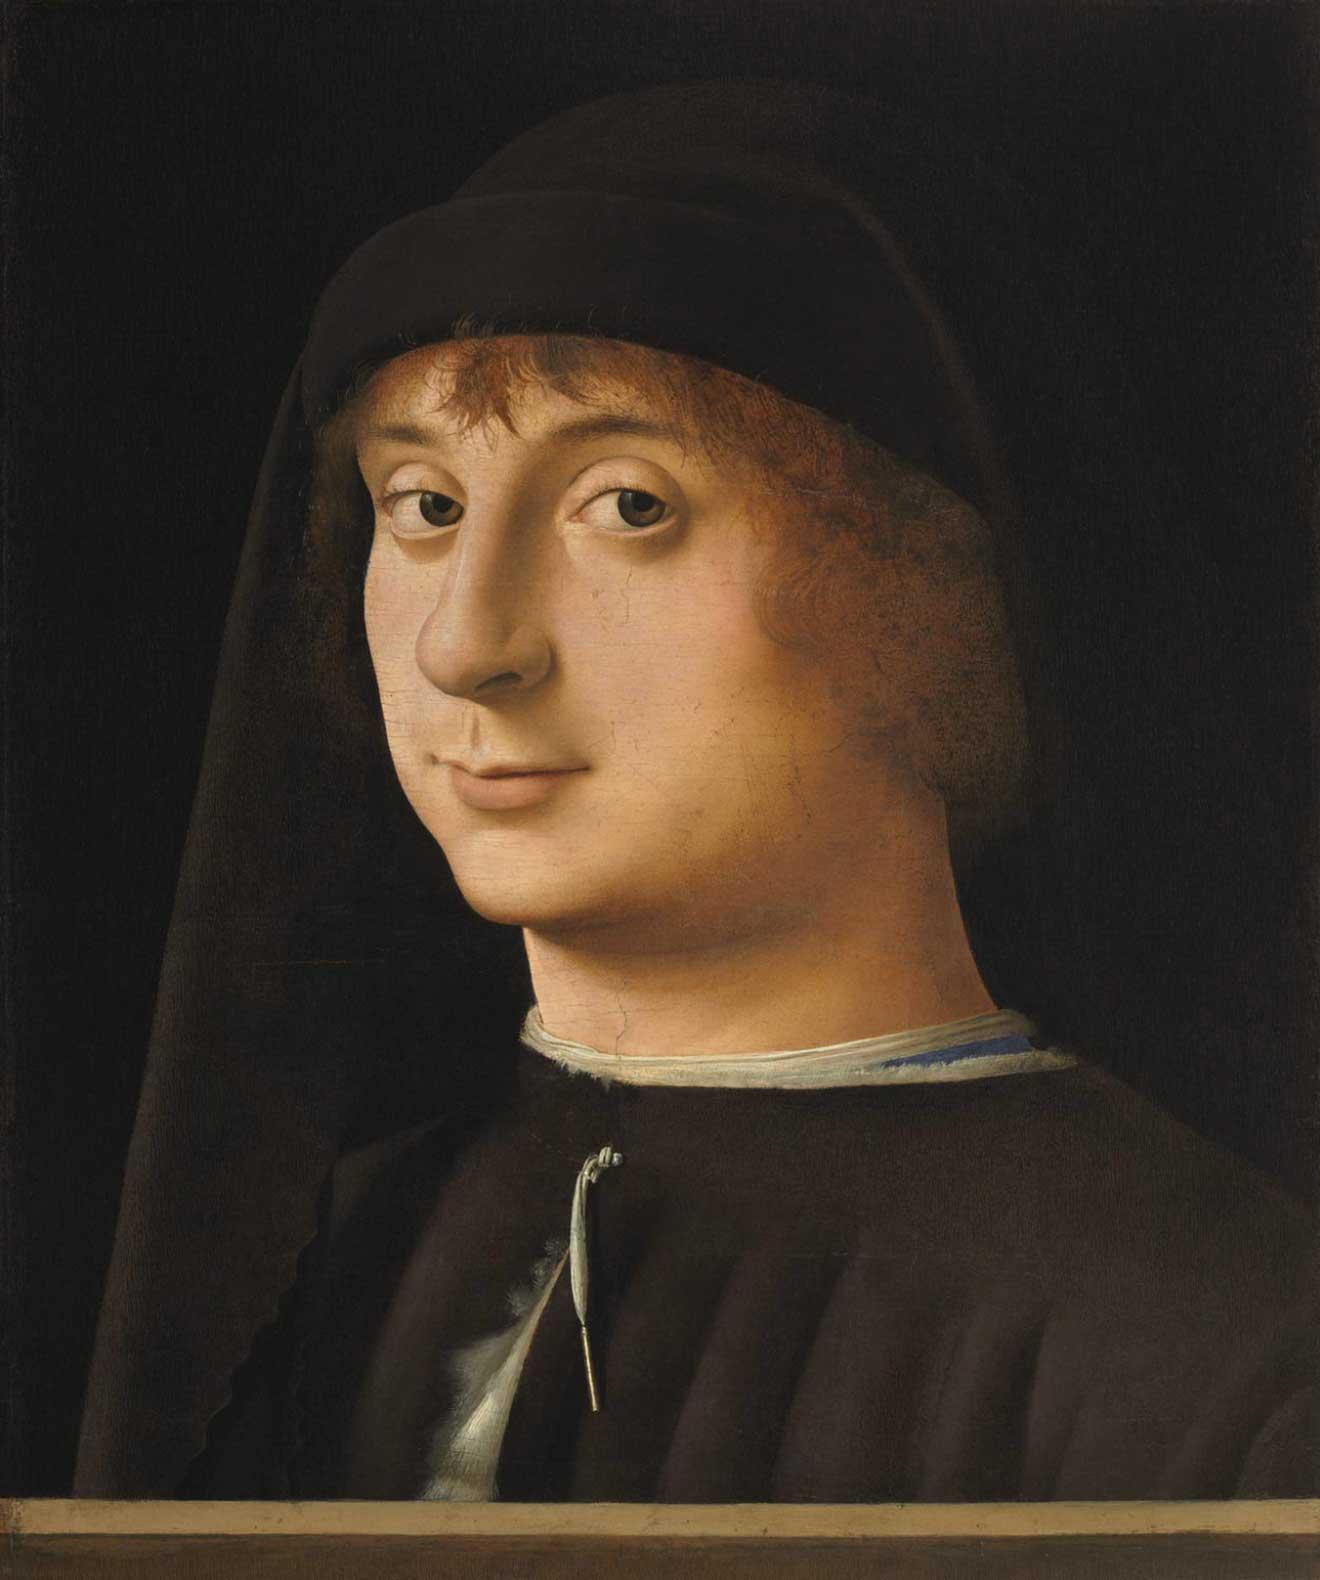 Ritratto di giovane (Portrait of a Young Gentleman), quadro di Antonello da Messina